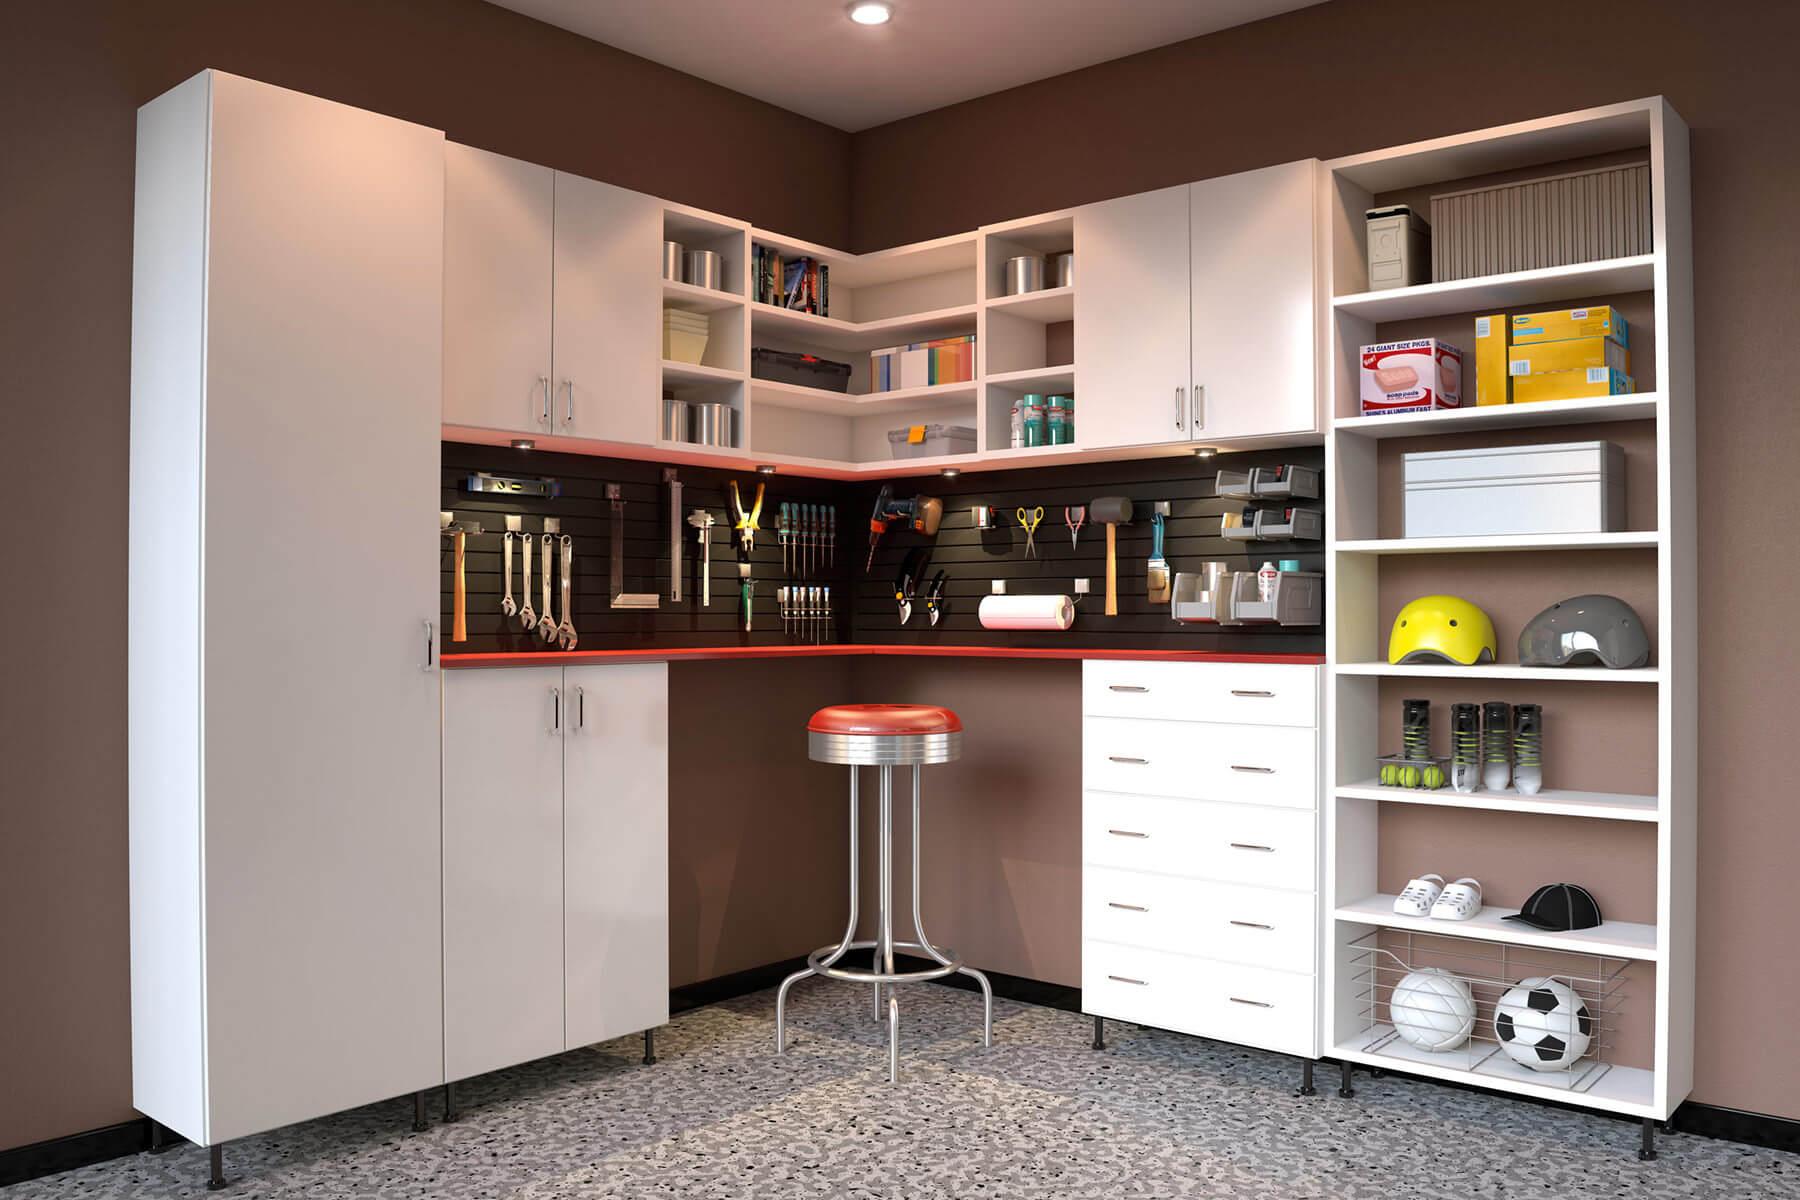 29 Garage Storage Ideas (Plus 3 Garage Man Caves) on Garage Decorating Ideas  id=13781